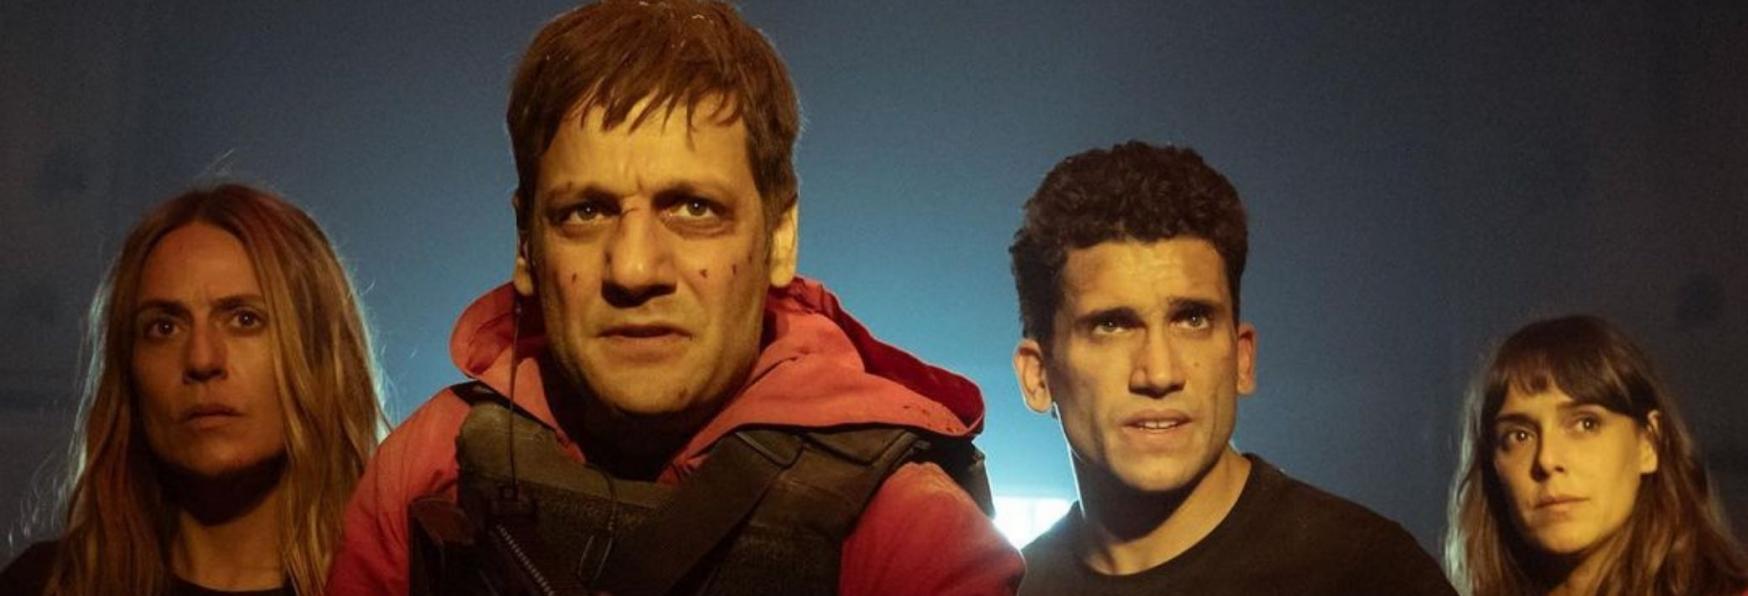 La Casa di Carta 5B: pubblicato il Trailer degli Episodi Conclusivi della Serie TV Netflix